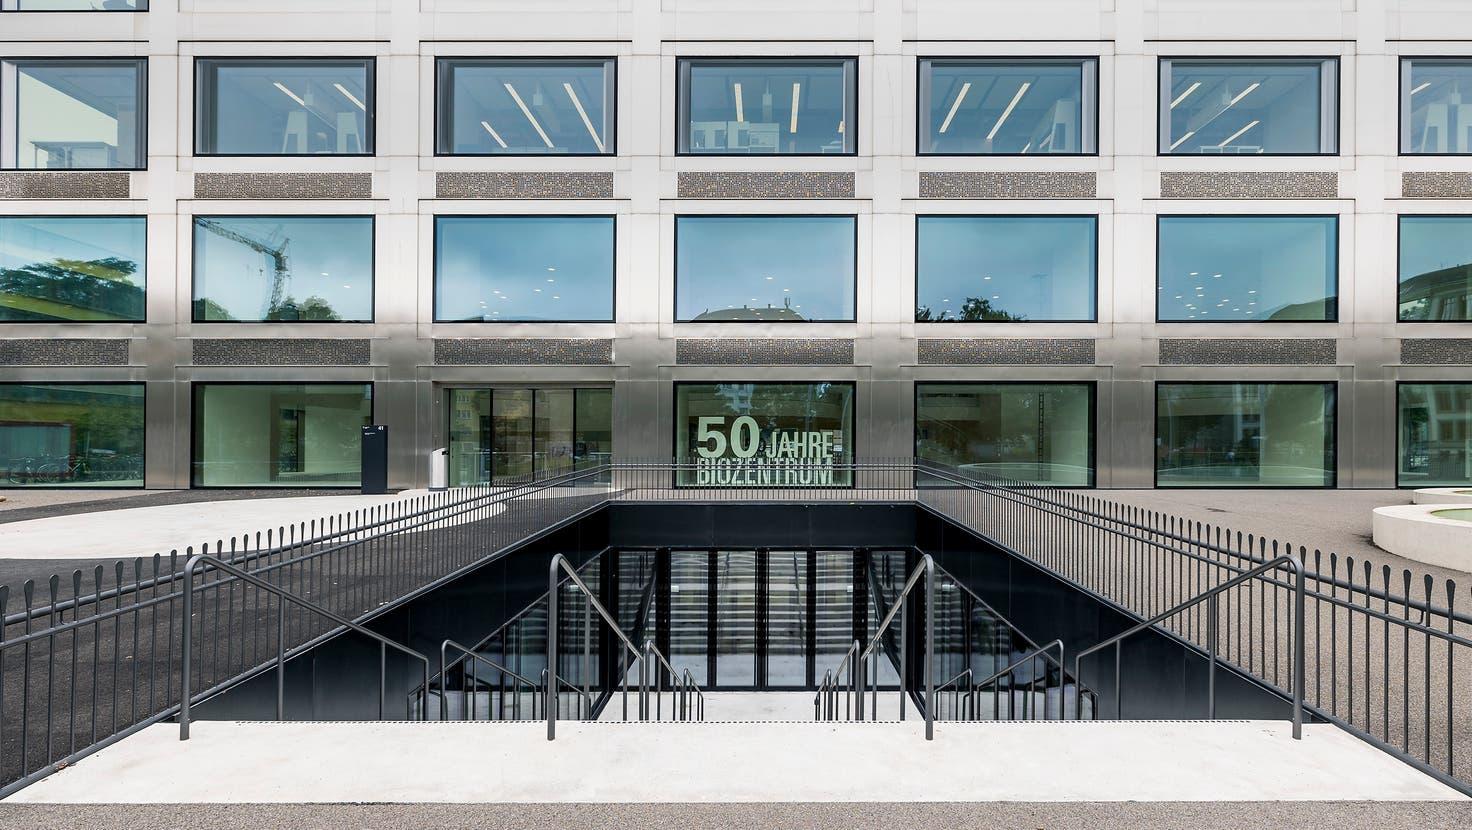 50 Jahre Biozentrum: Pünktlich zur Eröffnung des Neubaus feiert die Universität Basel das Jubiläum des Forschungsinstituts. (Kenneth Nars)